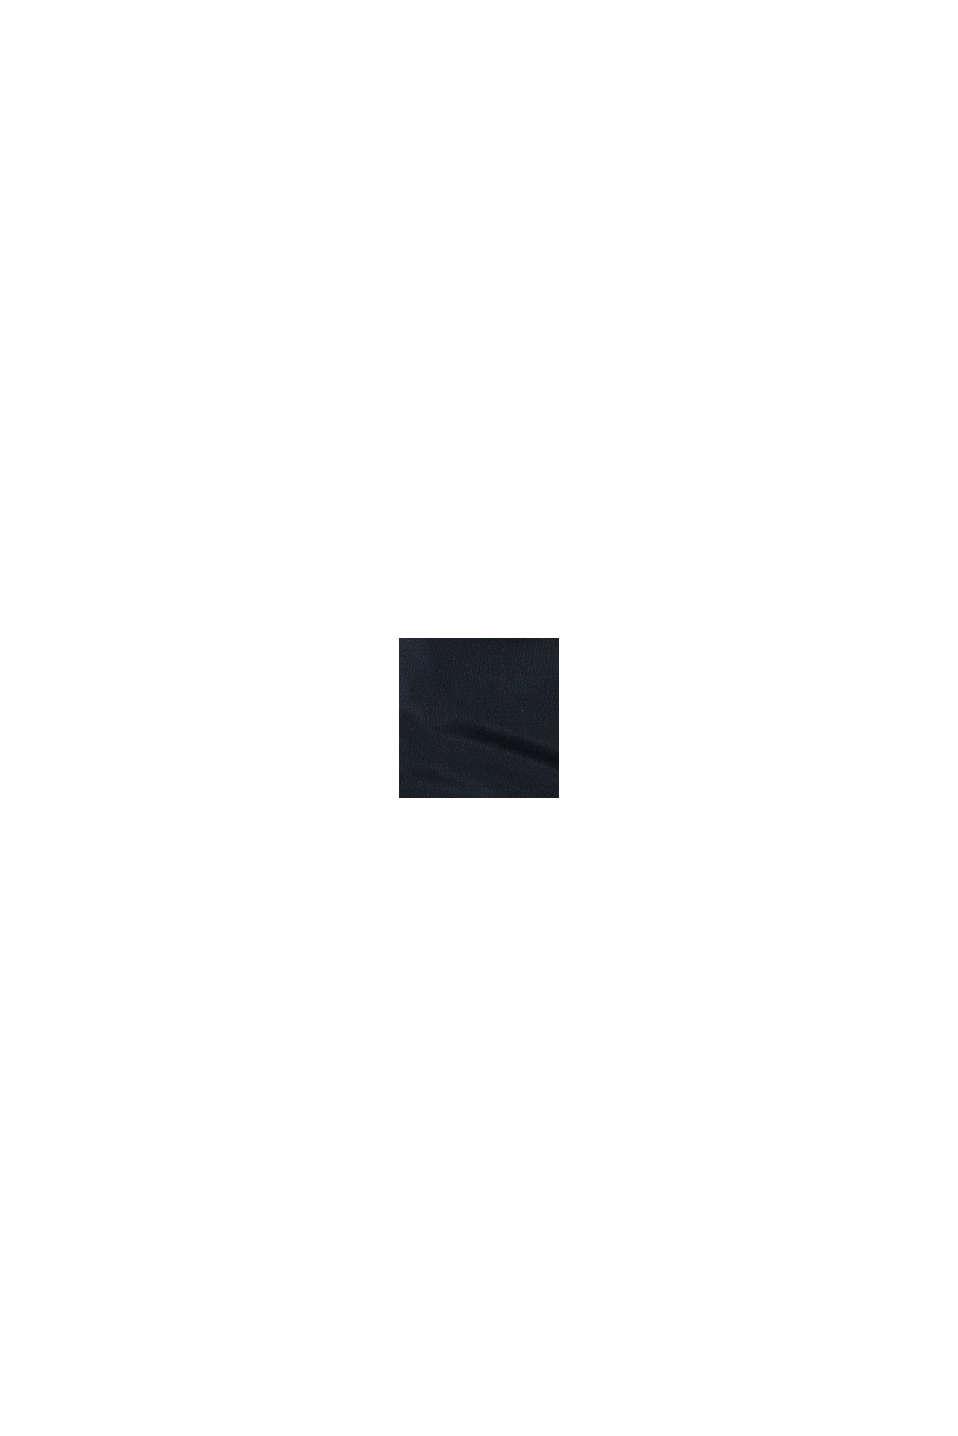 Vatovaná prošívaná vesta s kapucí, BLACK, swatch